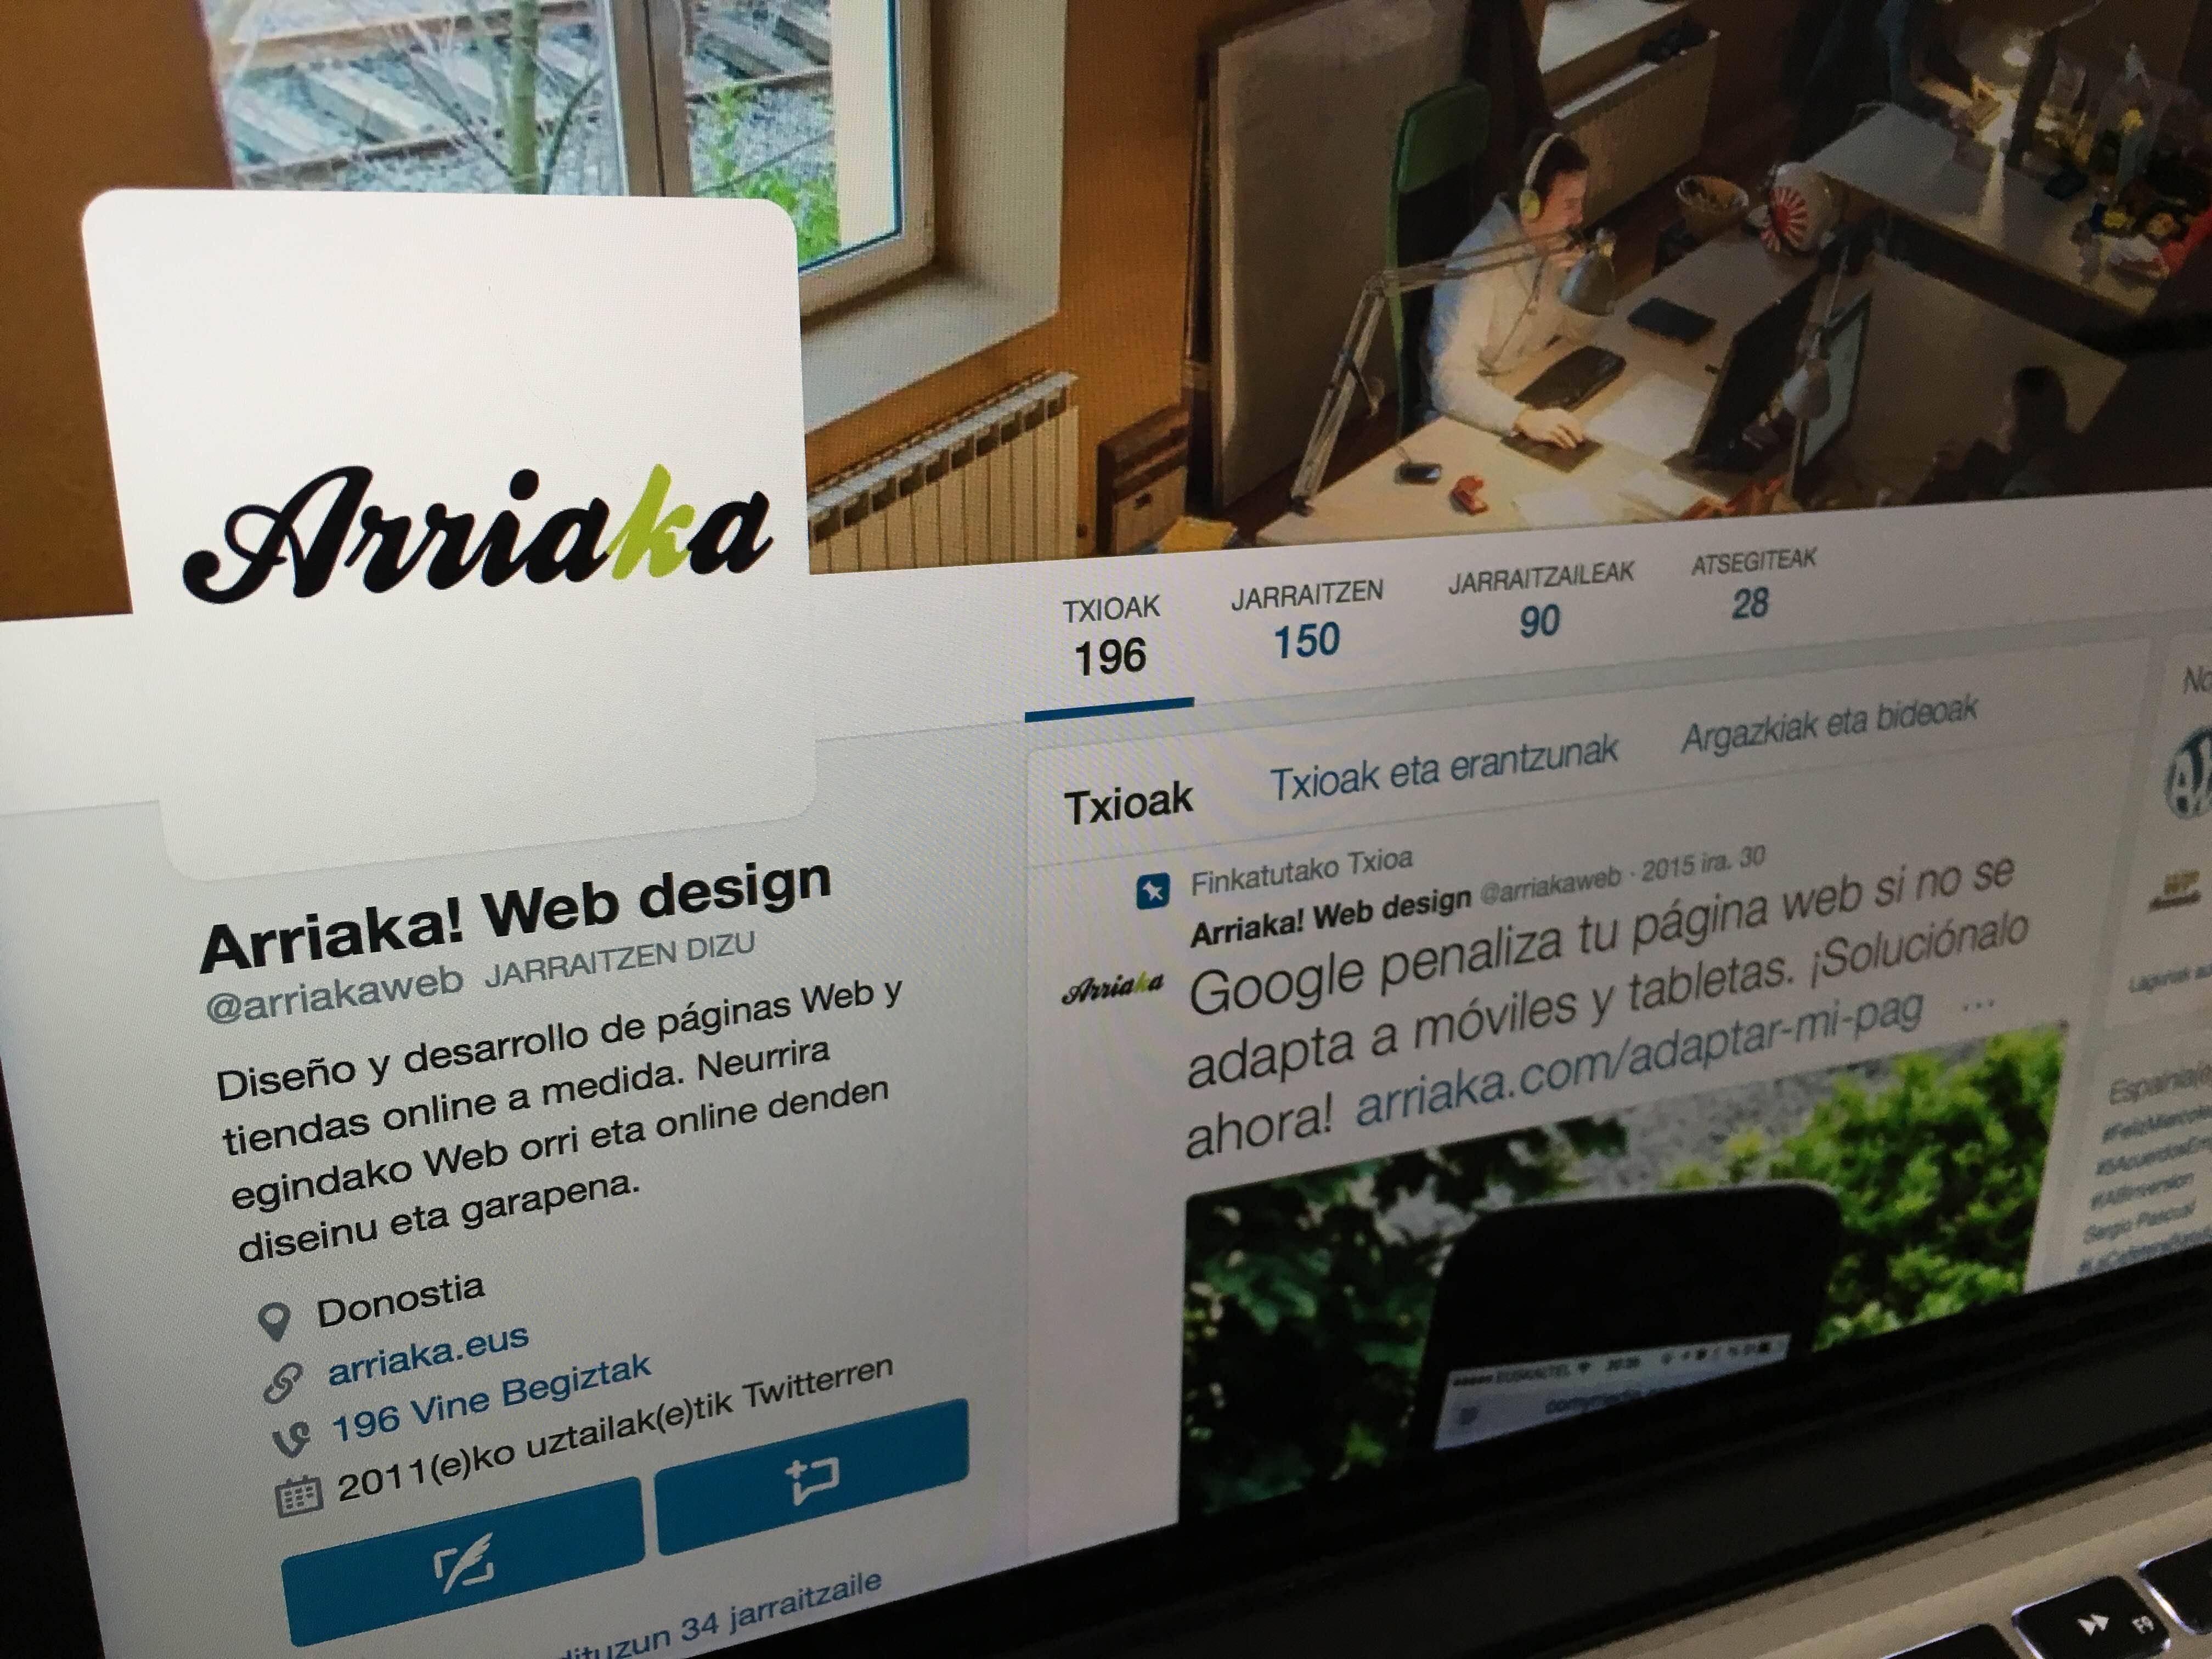 redes-sociales-para-reforzar-pagina-web